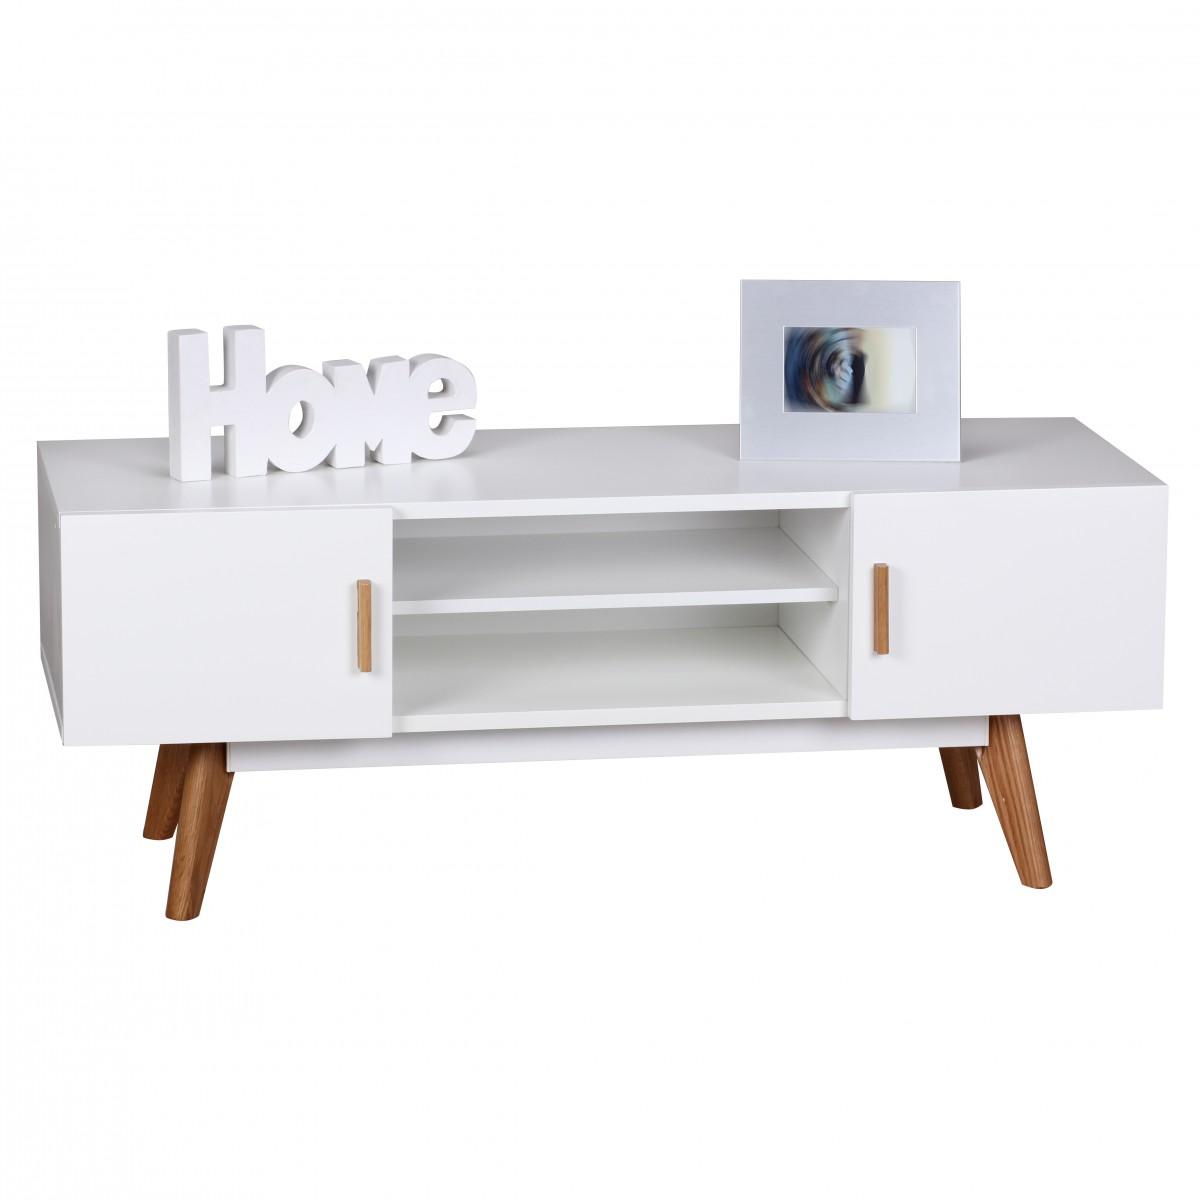 TV stolek s dvířky a policí Scanio, 120 cm, bílá/dub